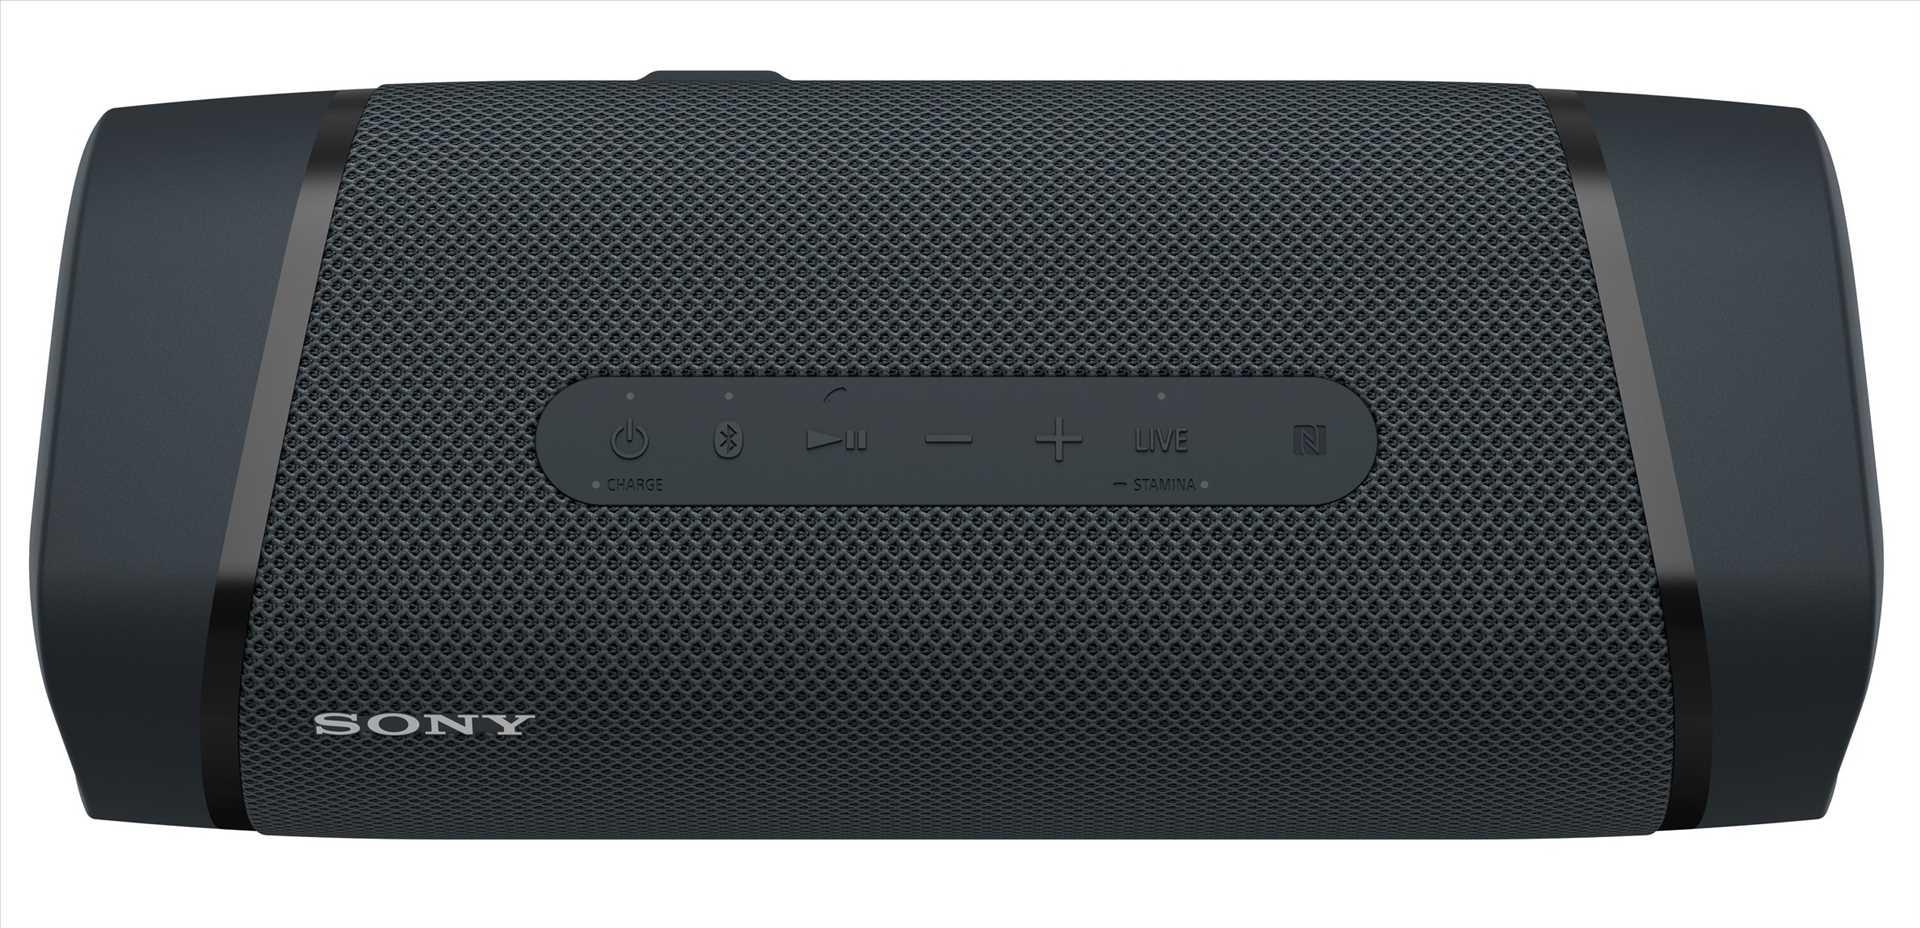 רמקול נייד סוני שחור SONY SRS-XB33B סוני - תמונה 6